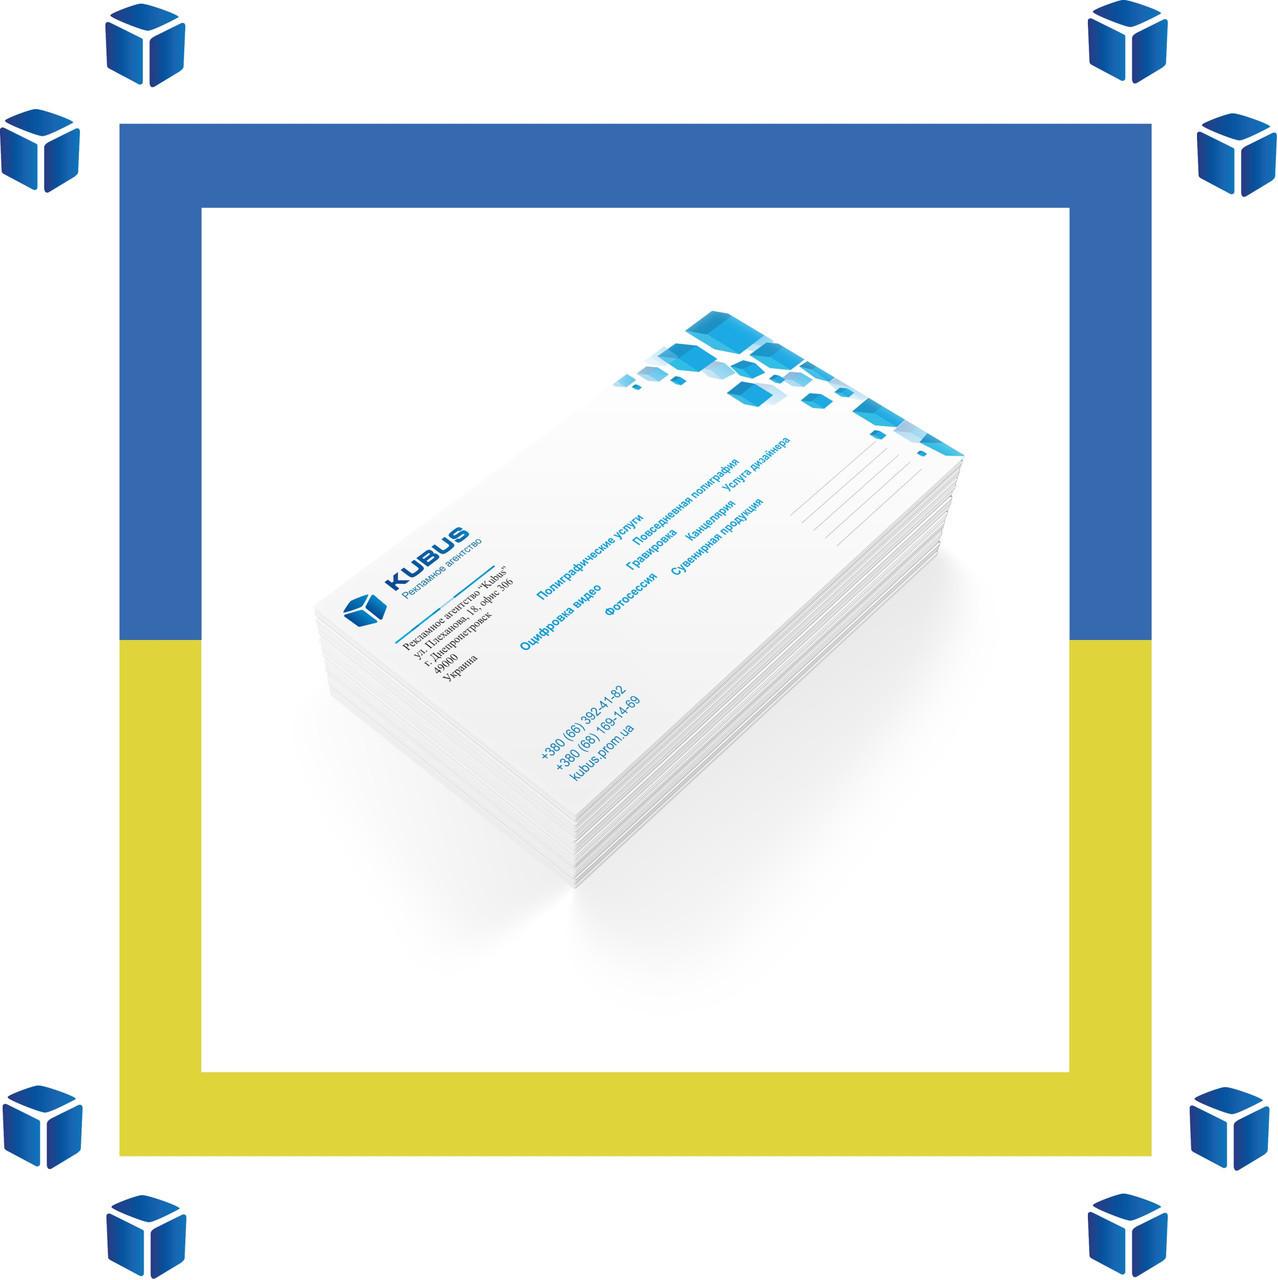 Печать на конвертах формата ТВ4 4+4 (цветные односторонние) Онлайн